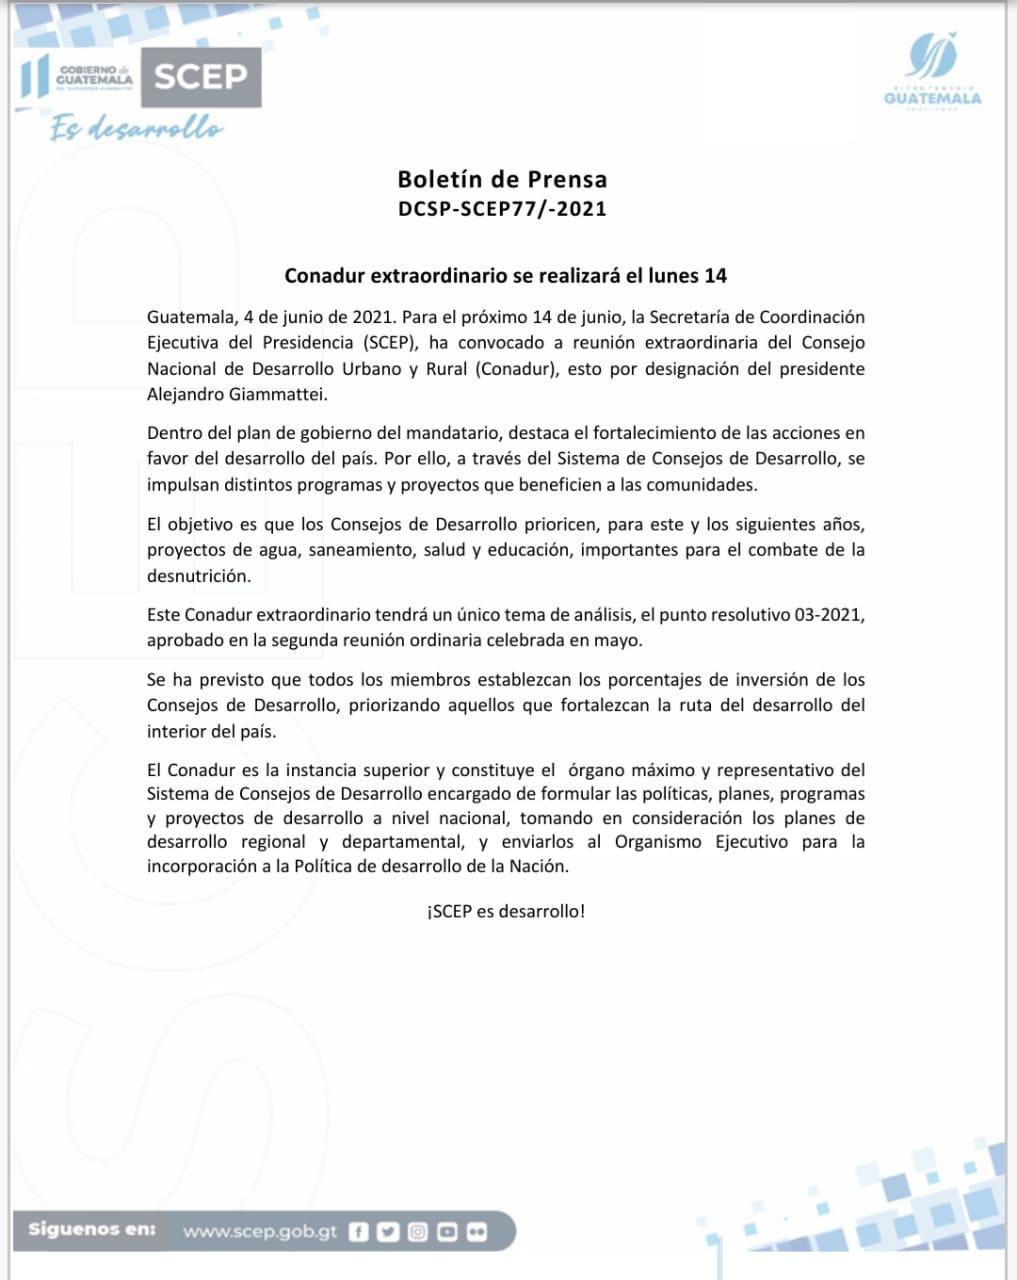 Boletín de Prensa SCEP